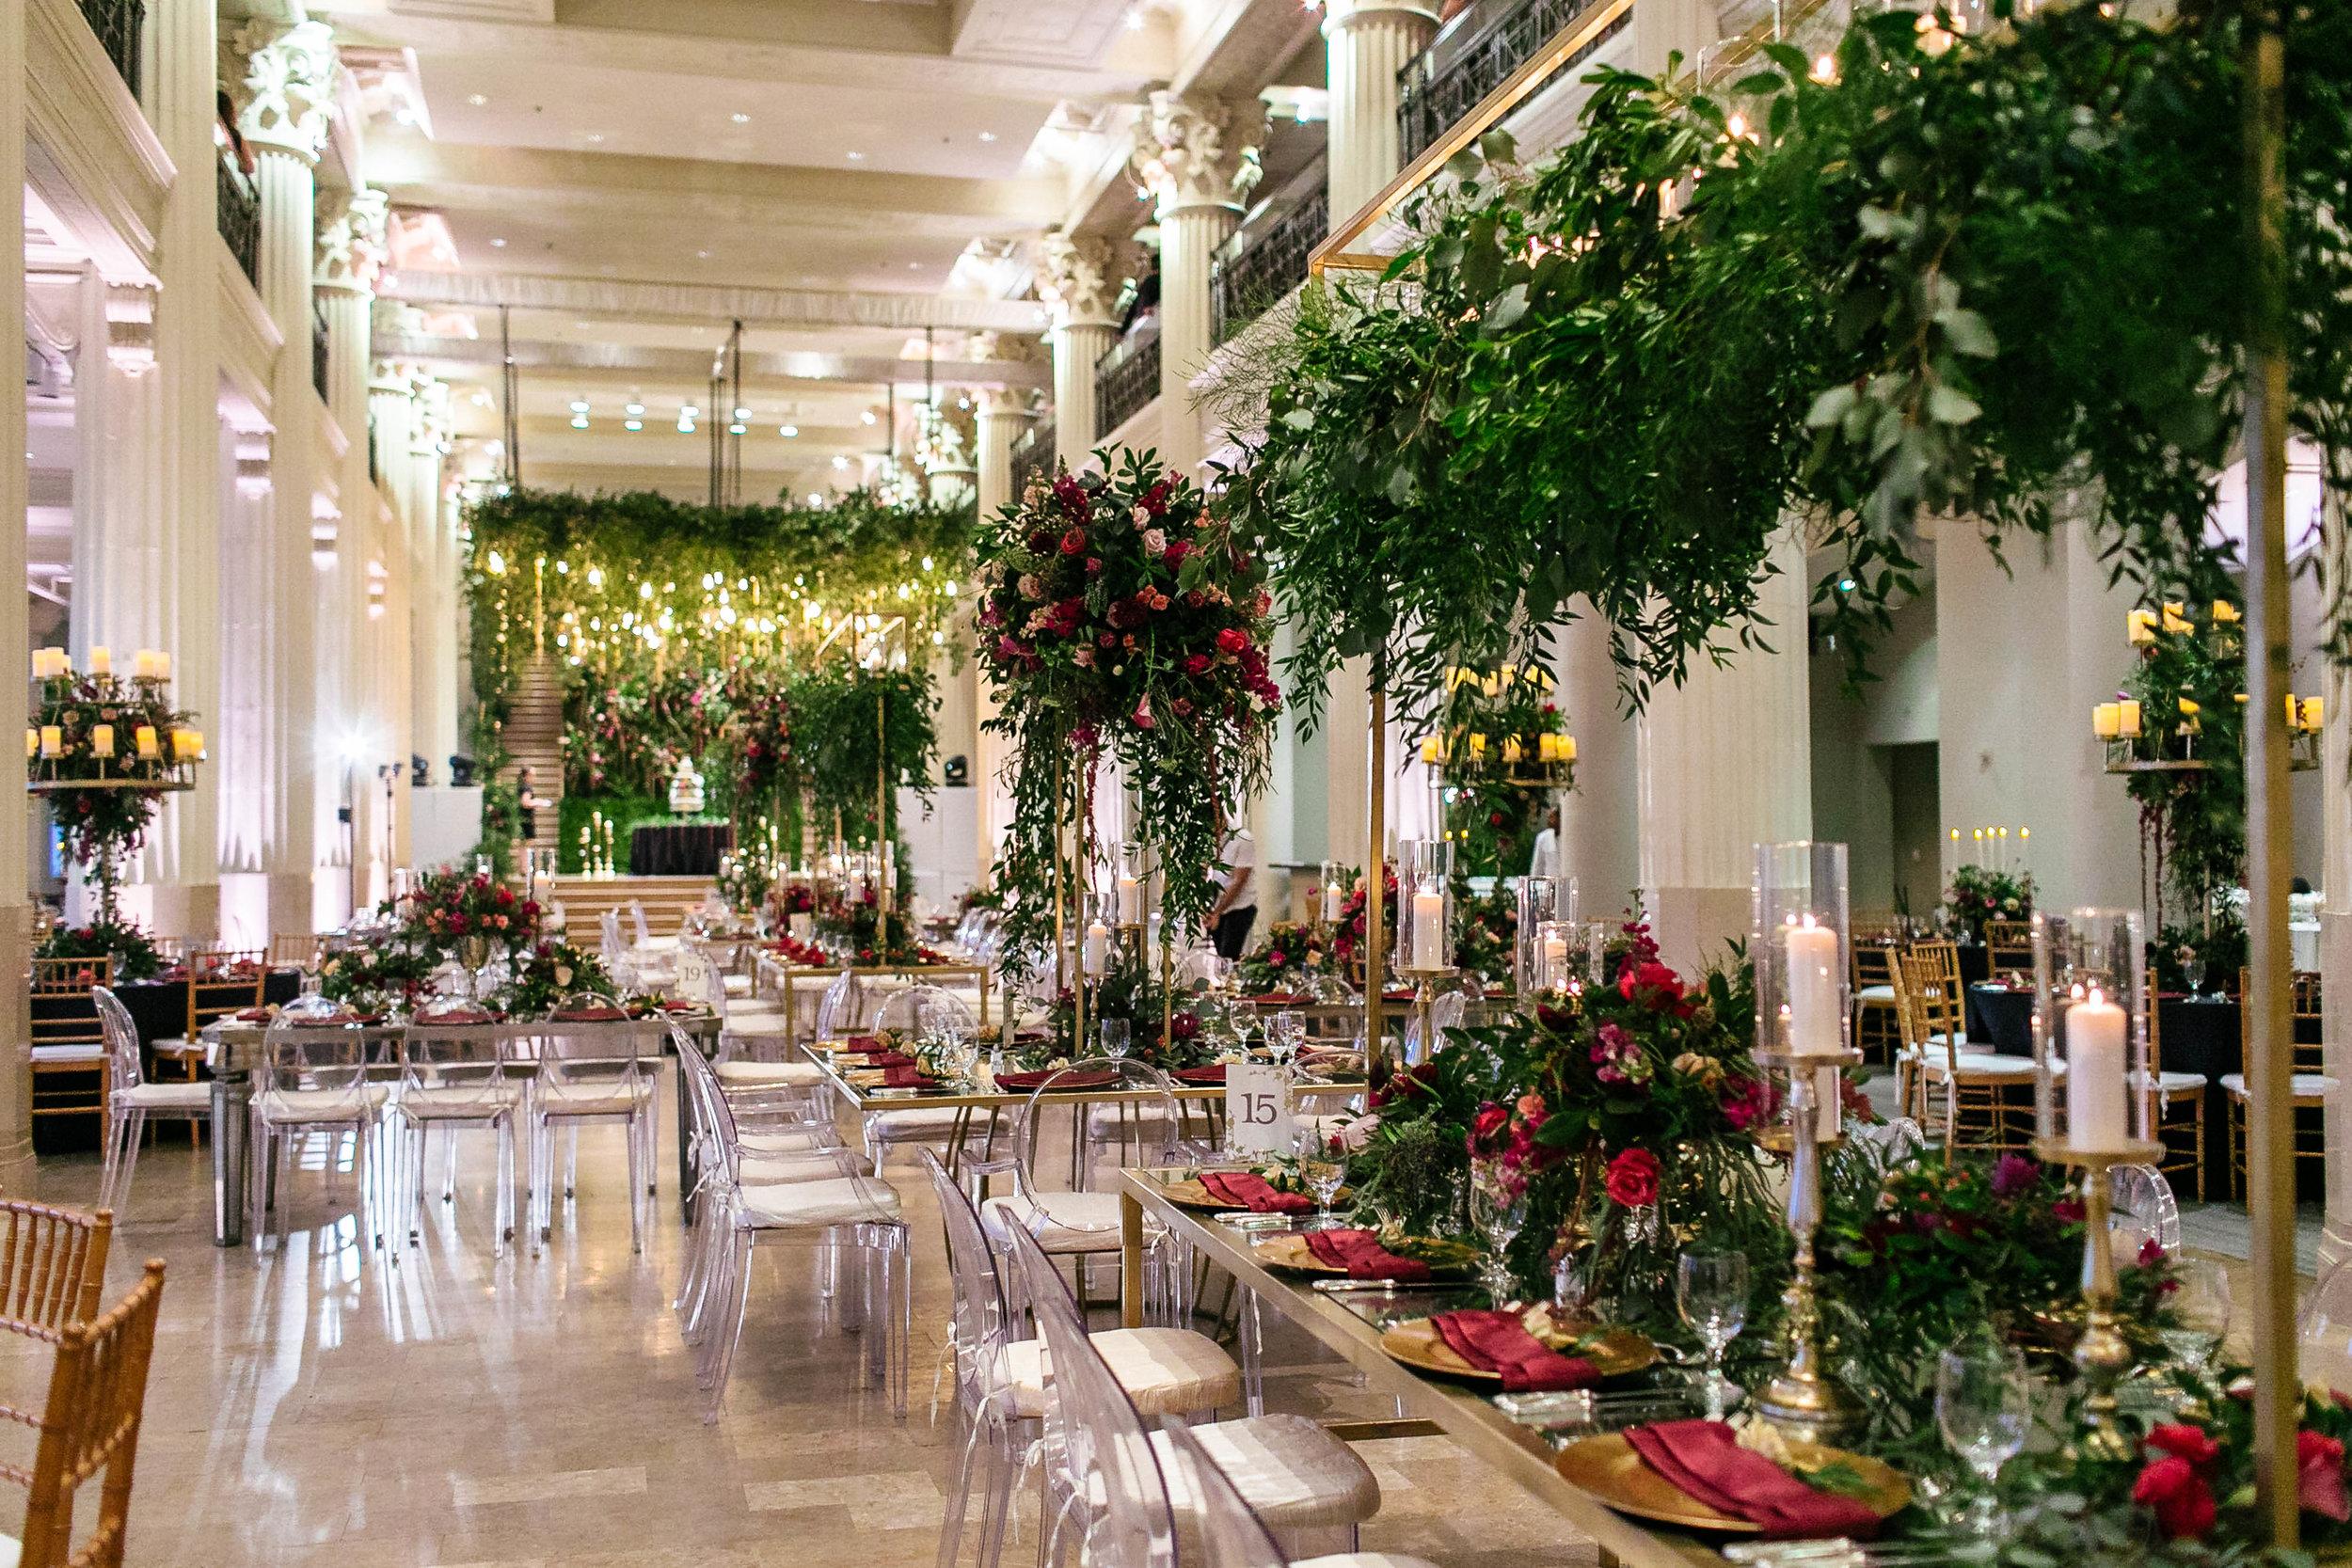 houston-weddings-zeena-david-02.jpg